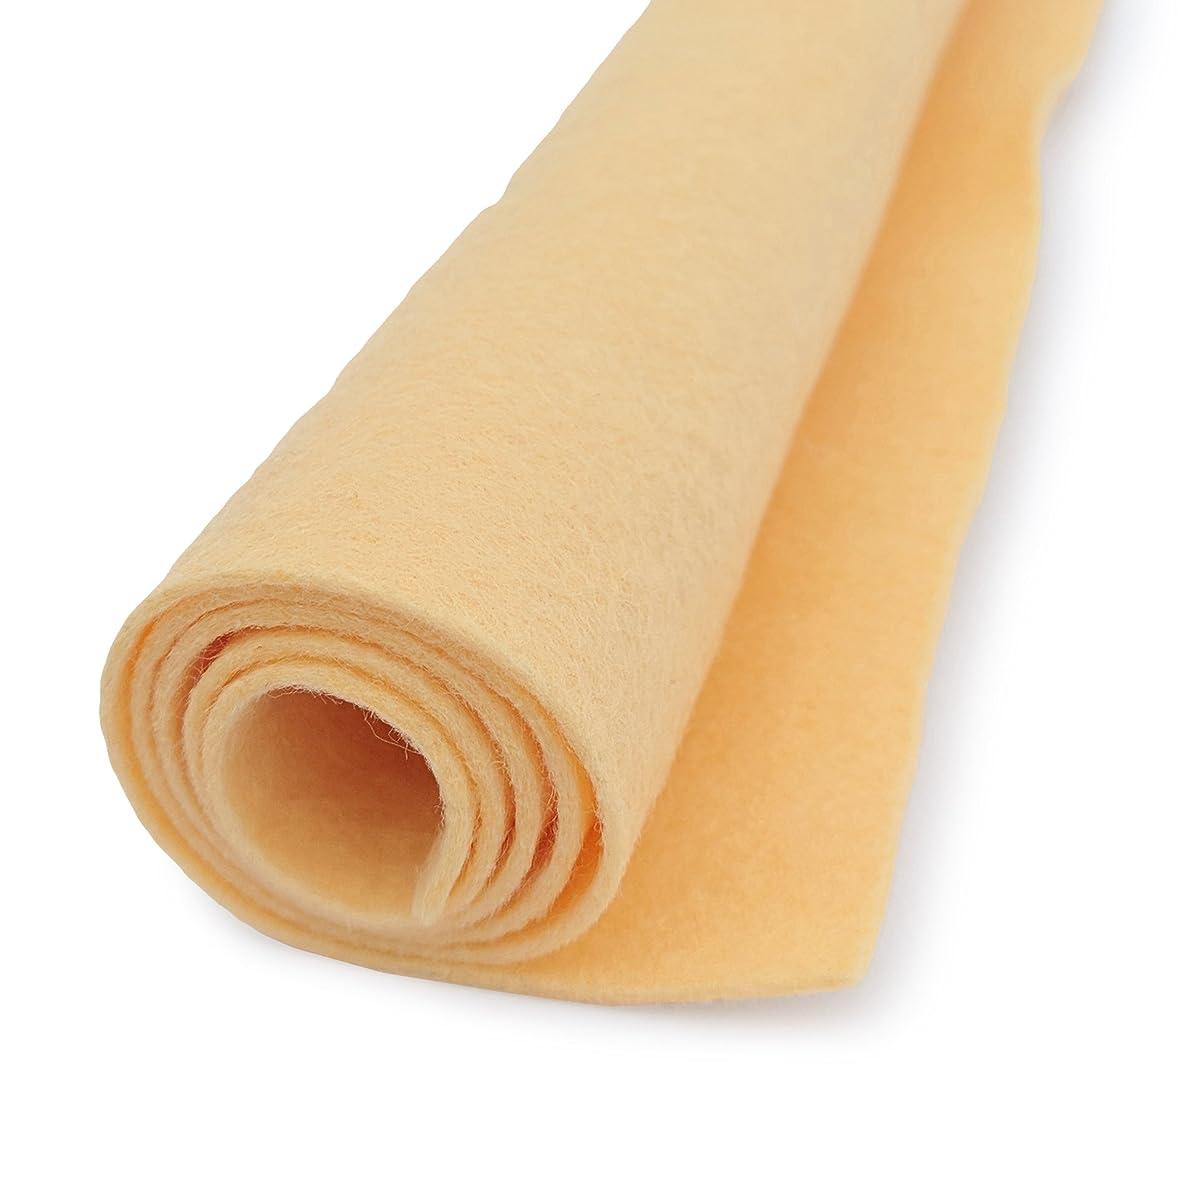 Native Maize Yellow - Wool Felt Giant Sheet - 35% Wool Blend - 1 36x36 inch XXL Sheet